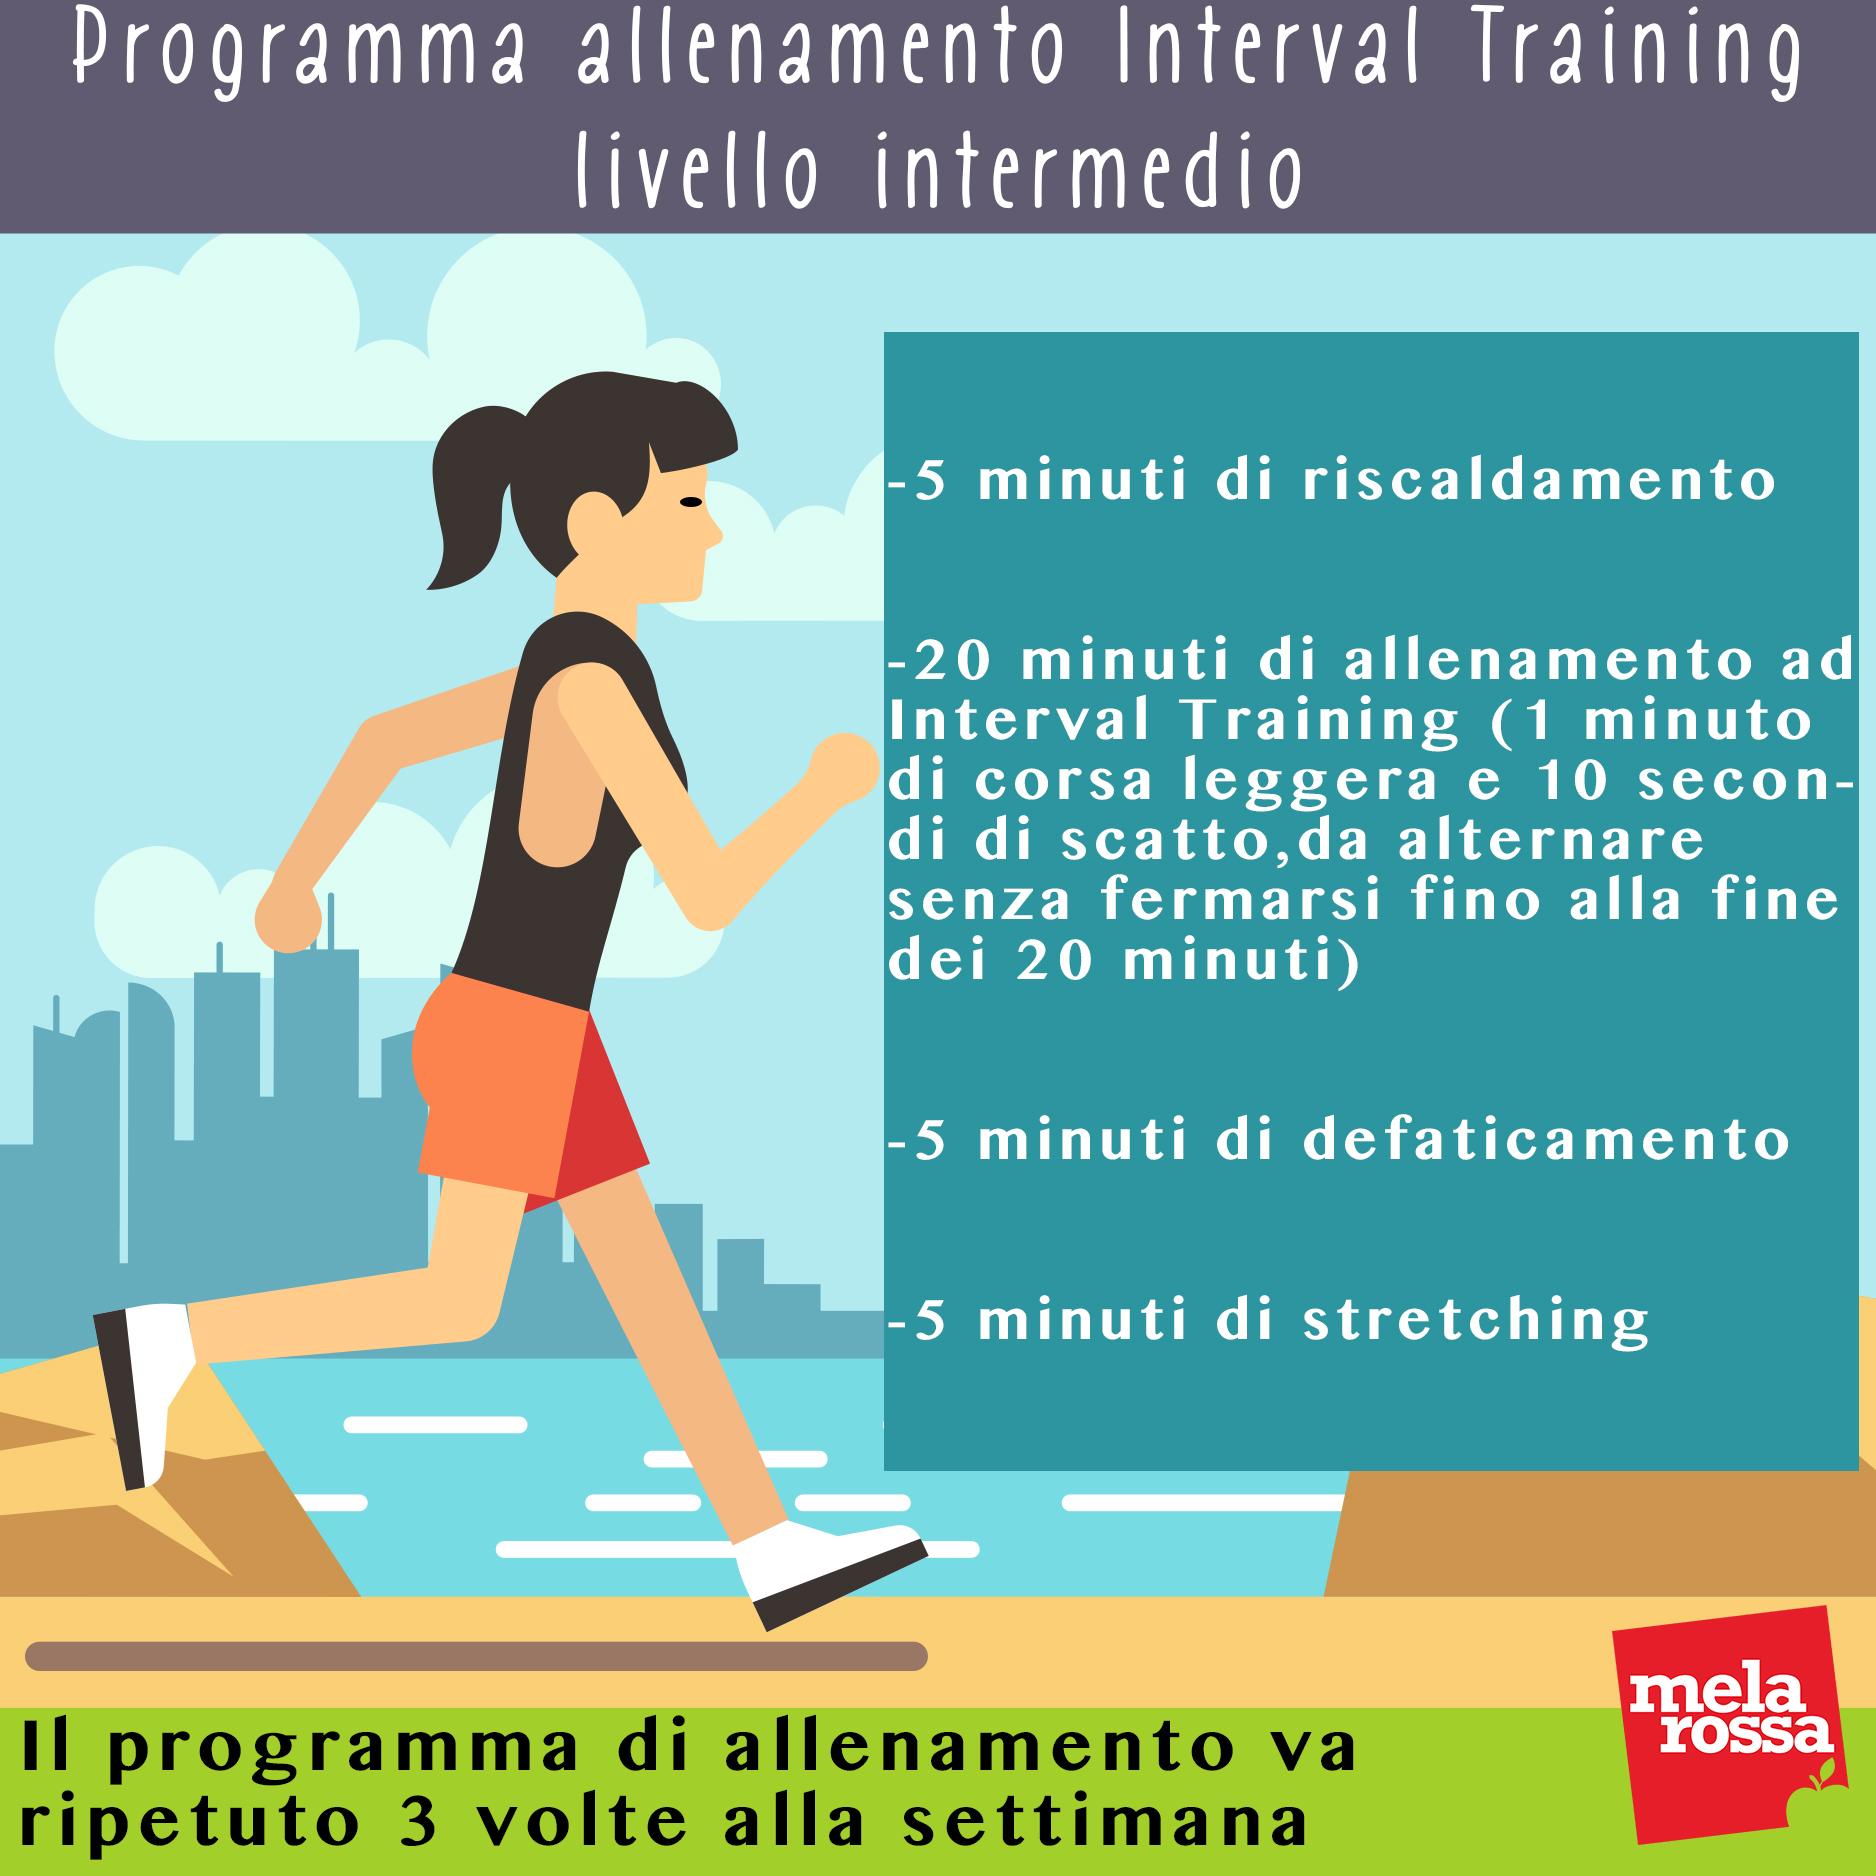 allenamento brucia grassi interval training